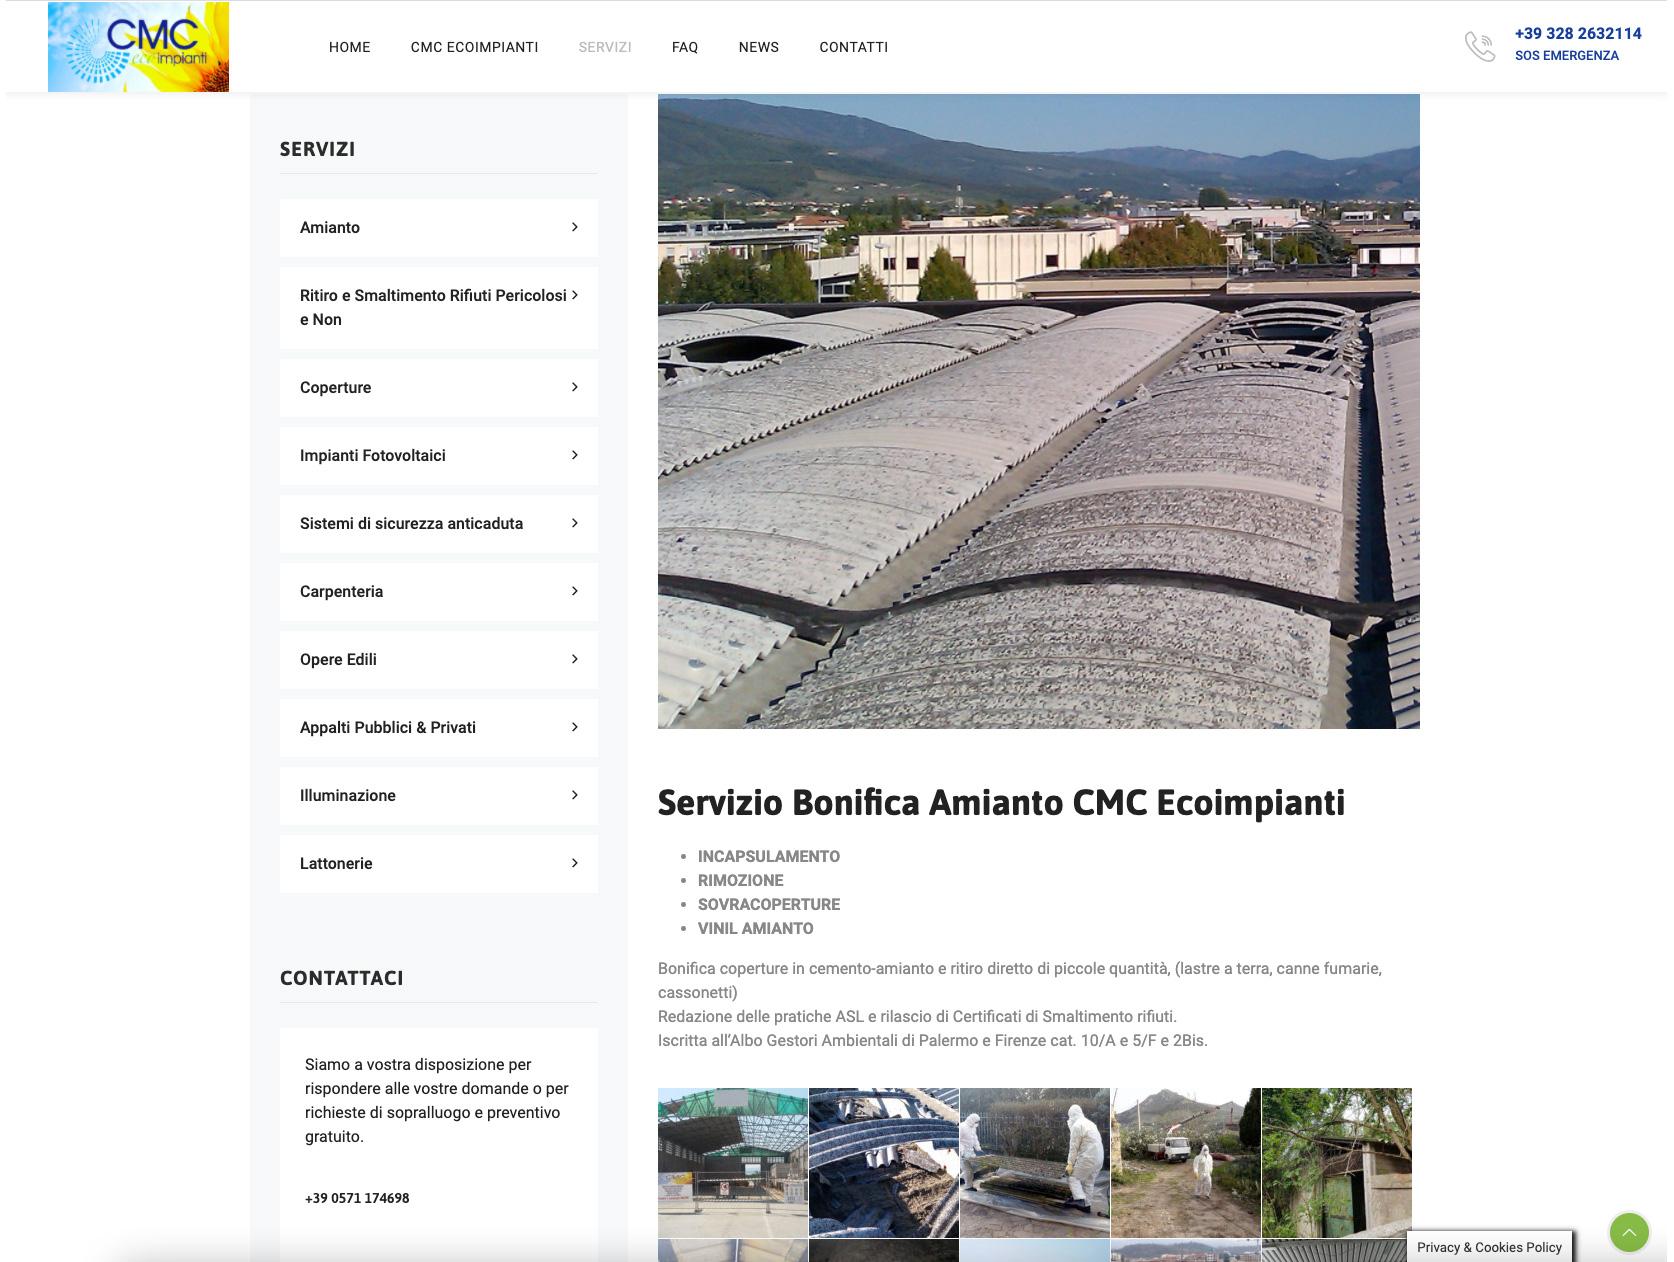 Sito web Wordpress CMC eco impianti